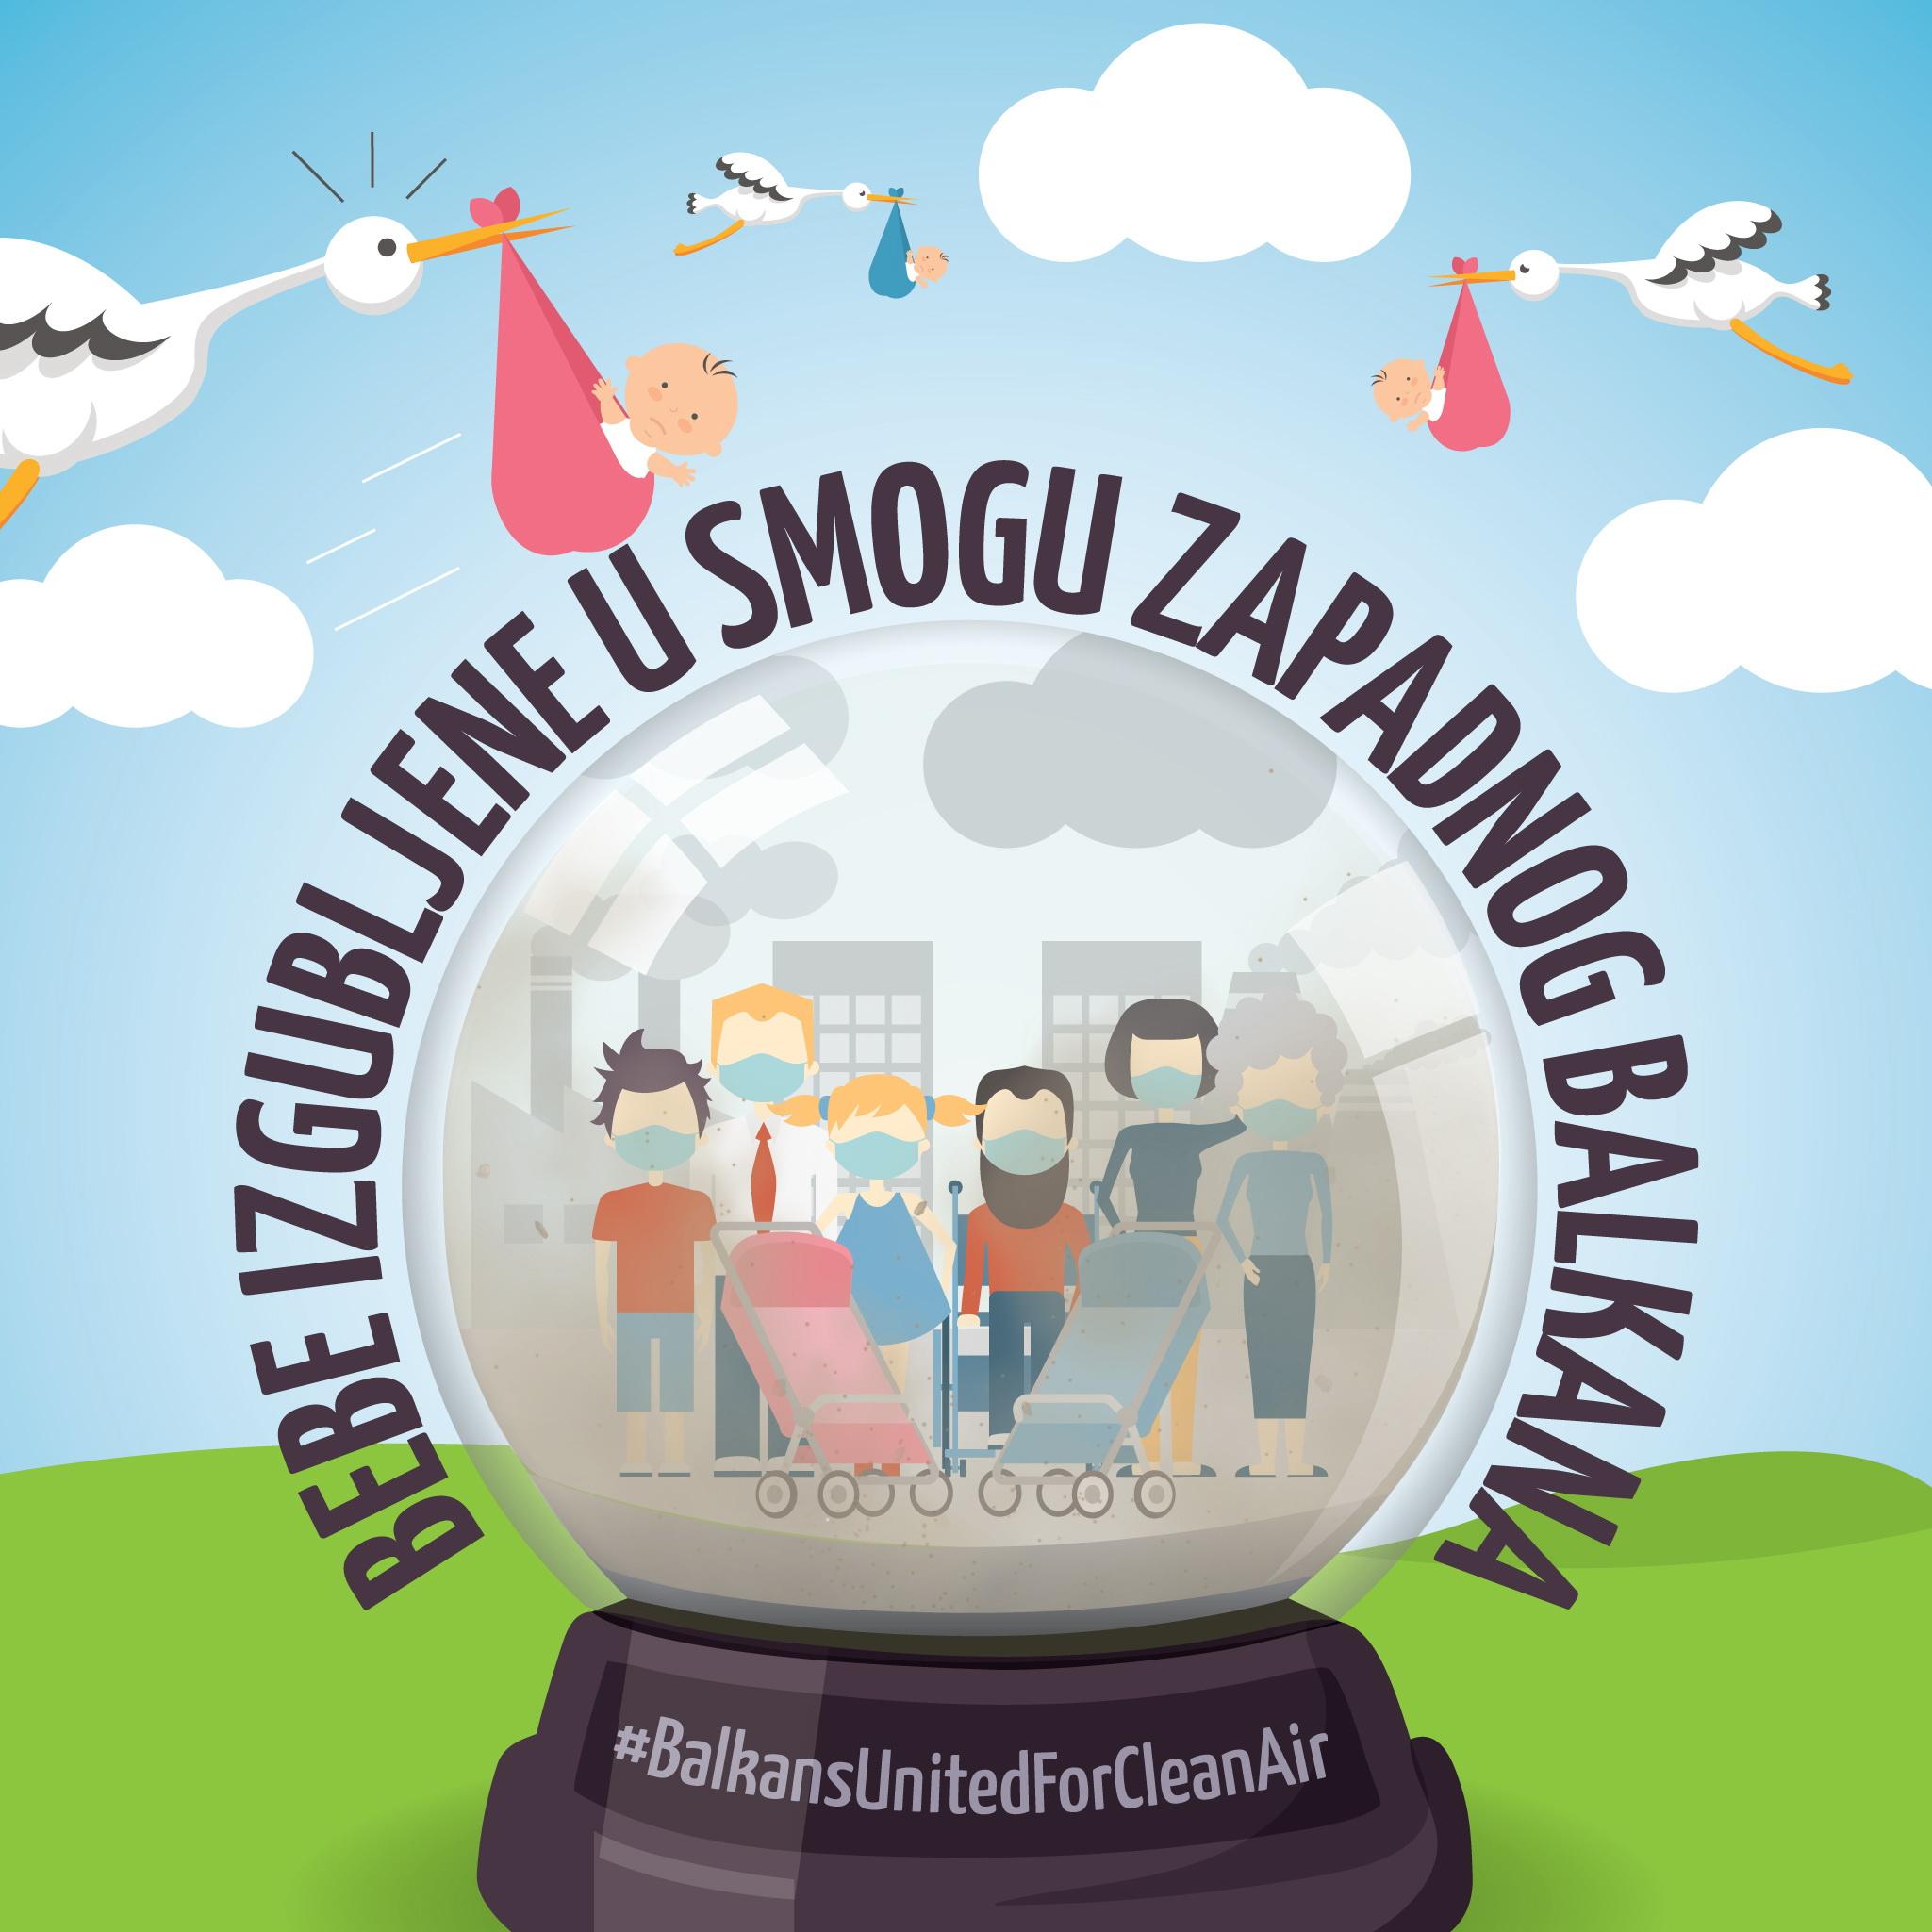 2.1 inicijativa za cist vazduh tema 4 FB i INSTA post